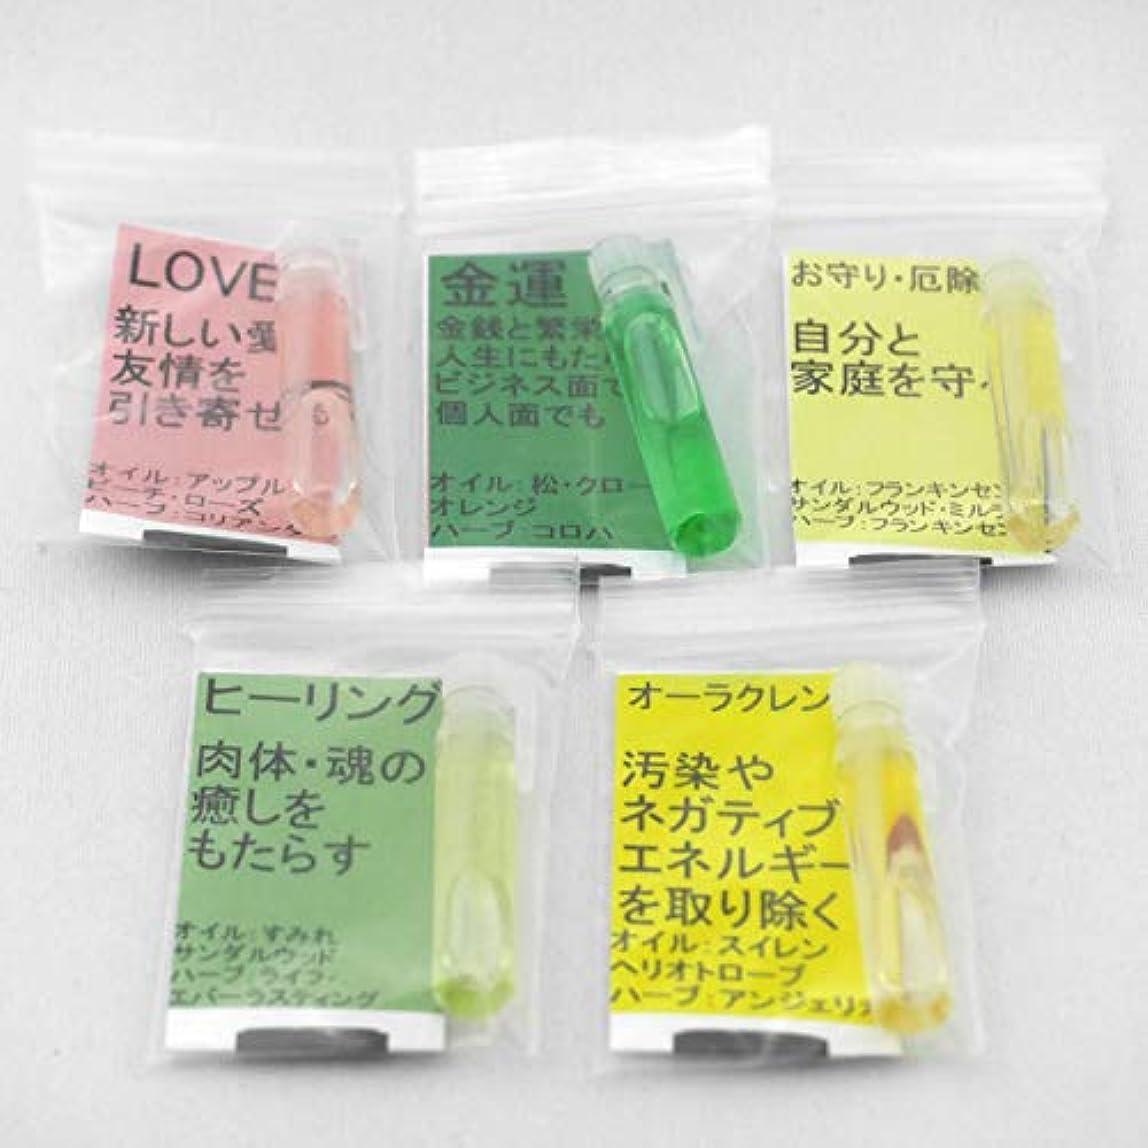 リンケージ目立つ化石アンシェントメモリーオイル 基本の5本小分けセット(LOVE?MoneyDraw?Protection?Healing?Aura Cleanse)